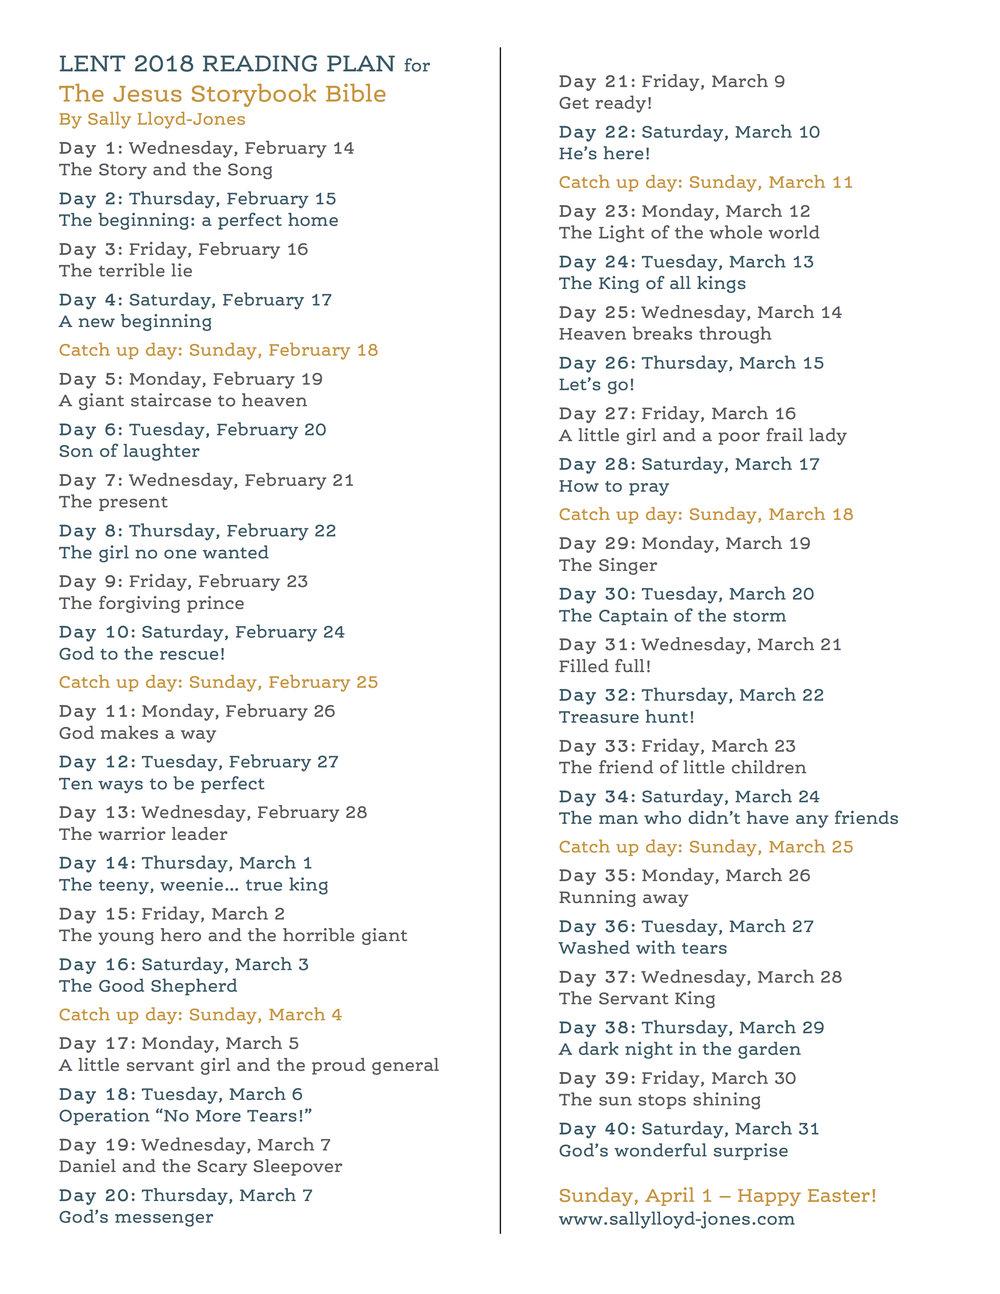 JSB-Lent-Guide-2018.jpg